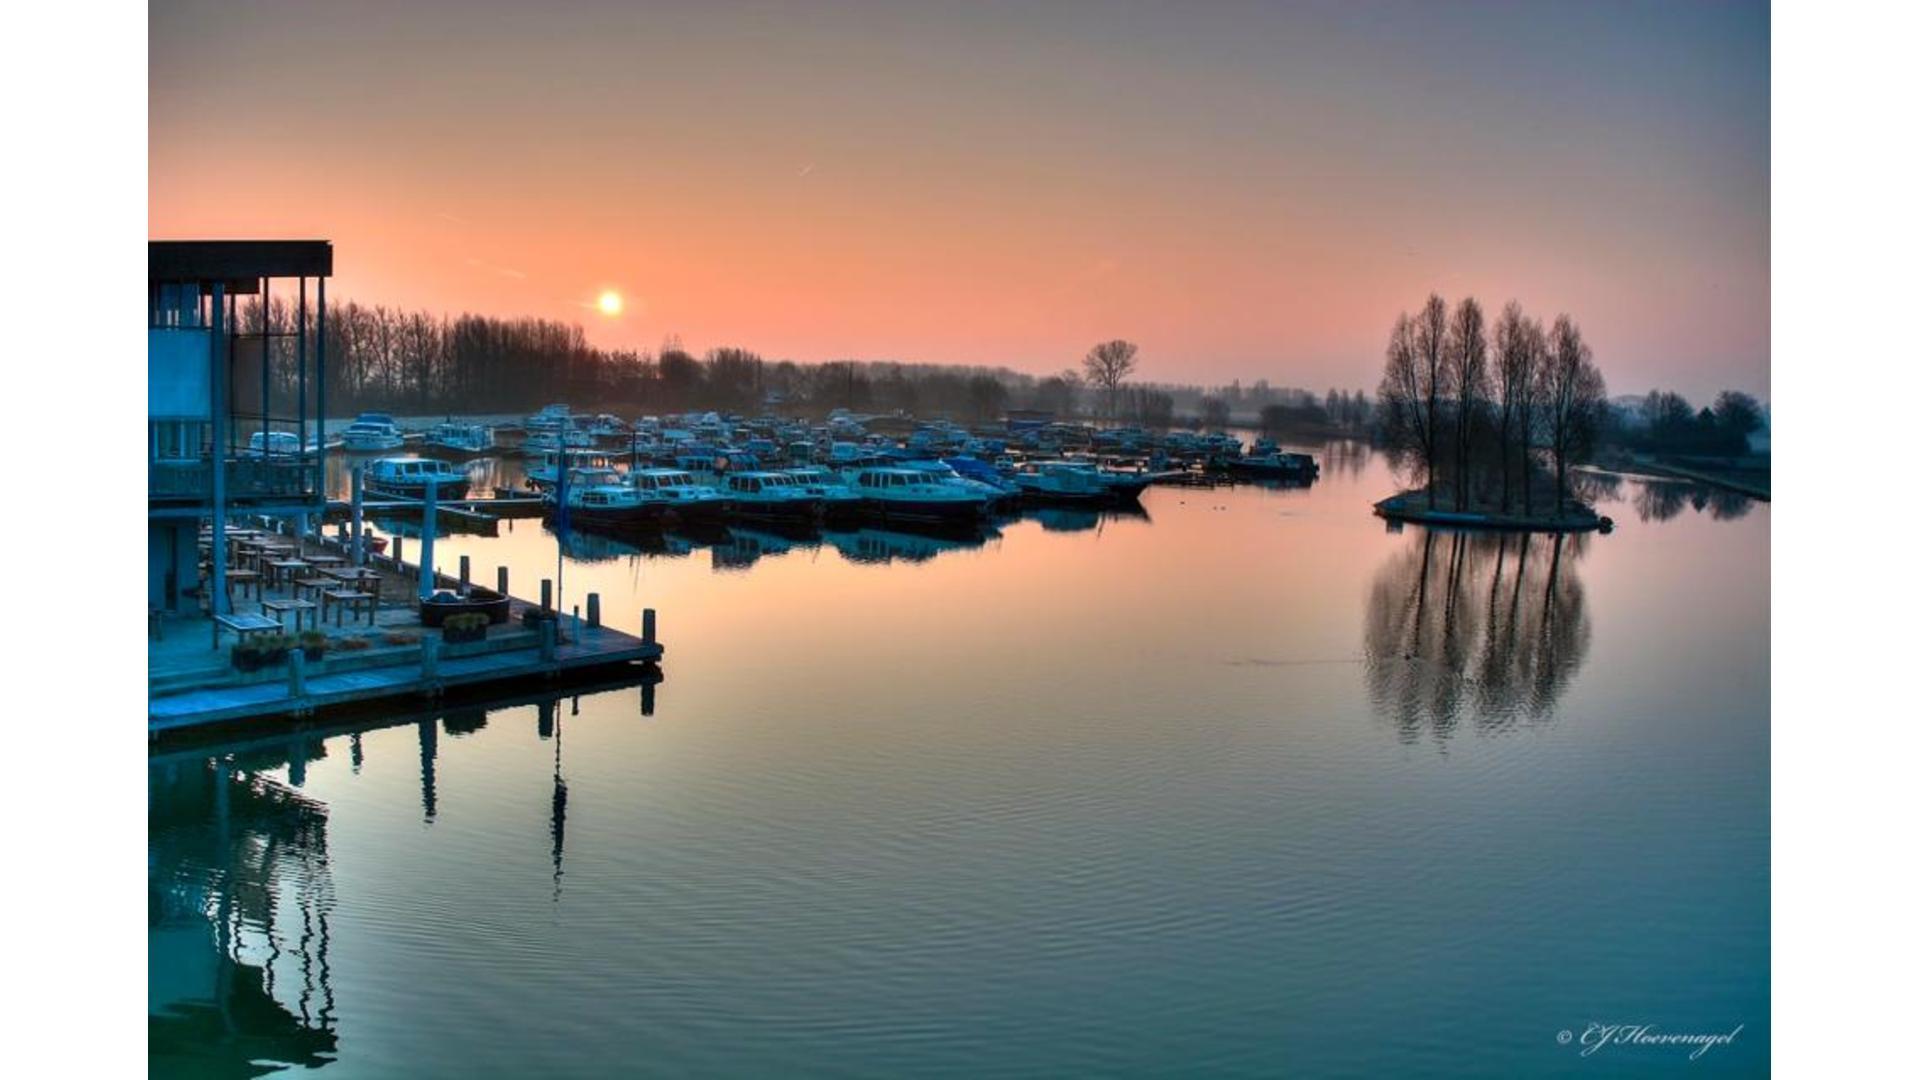 Jachthaven Marnemoende l Foto: Cassy Hoevenagel